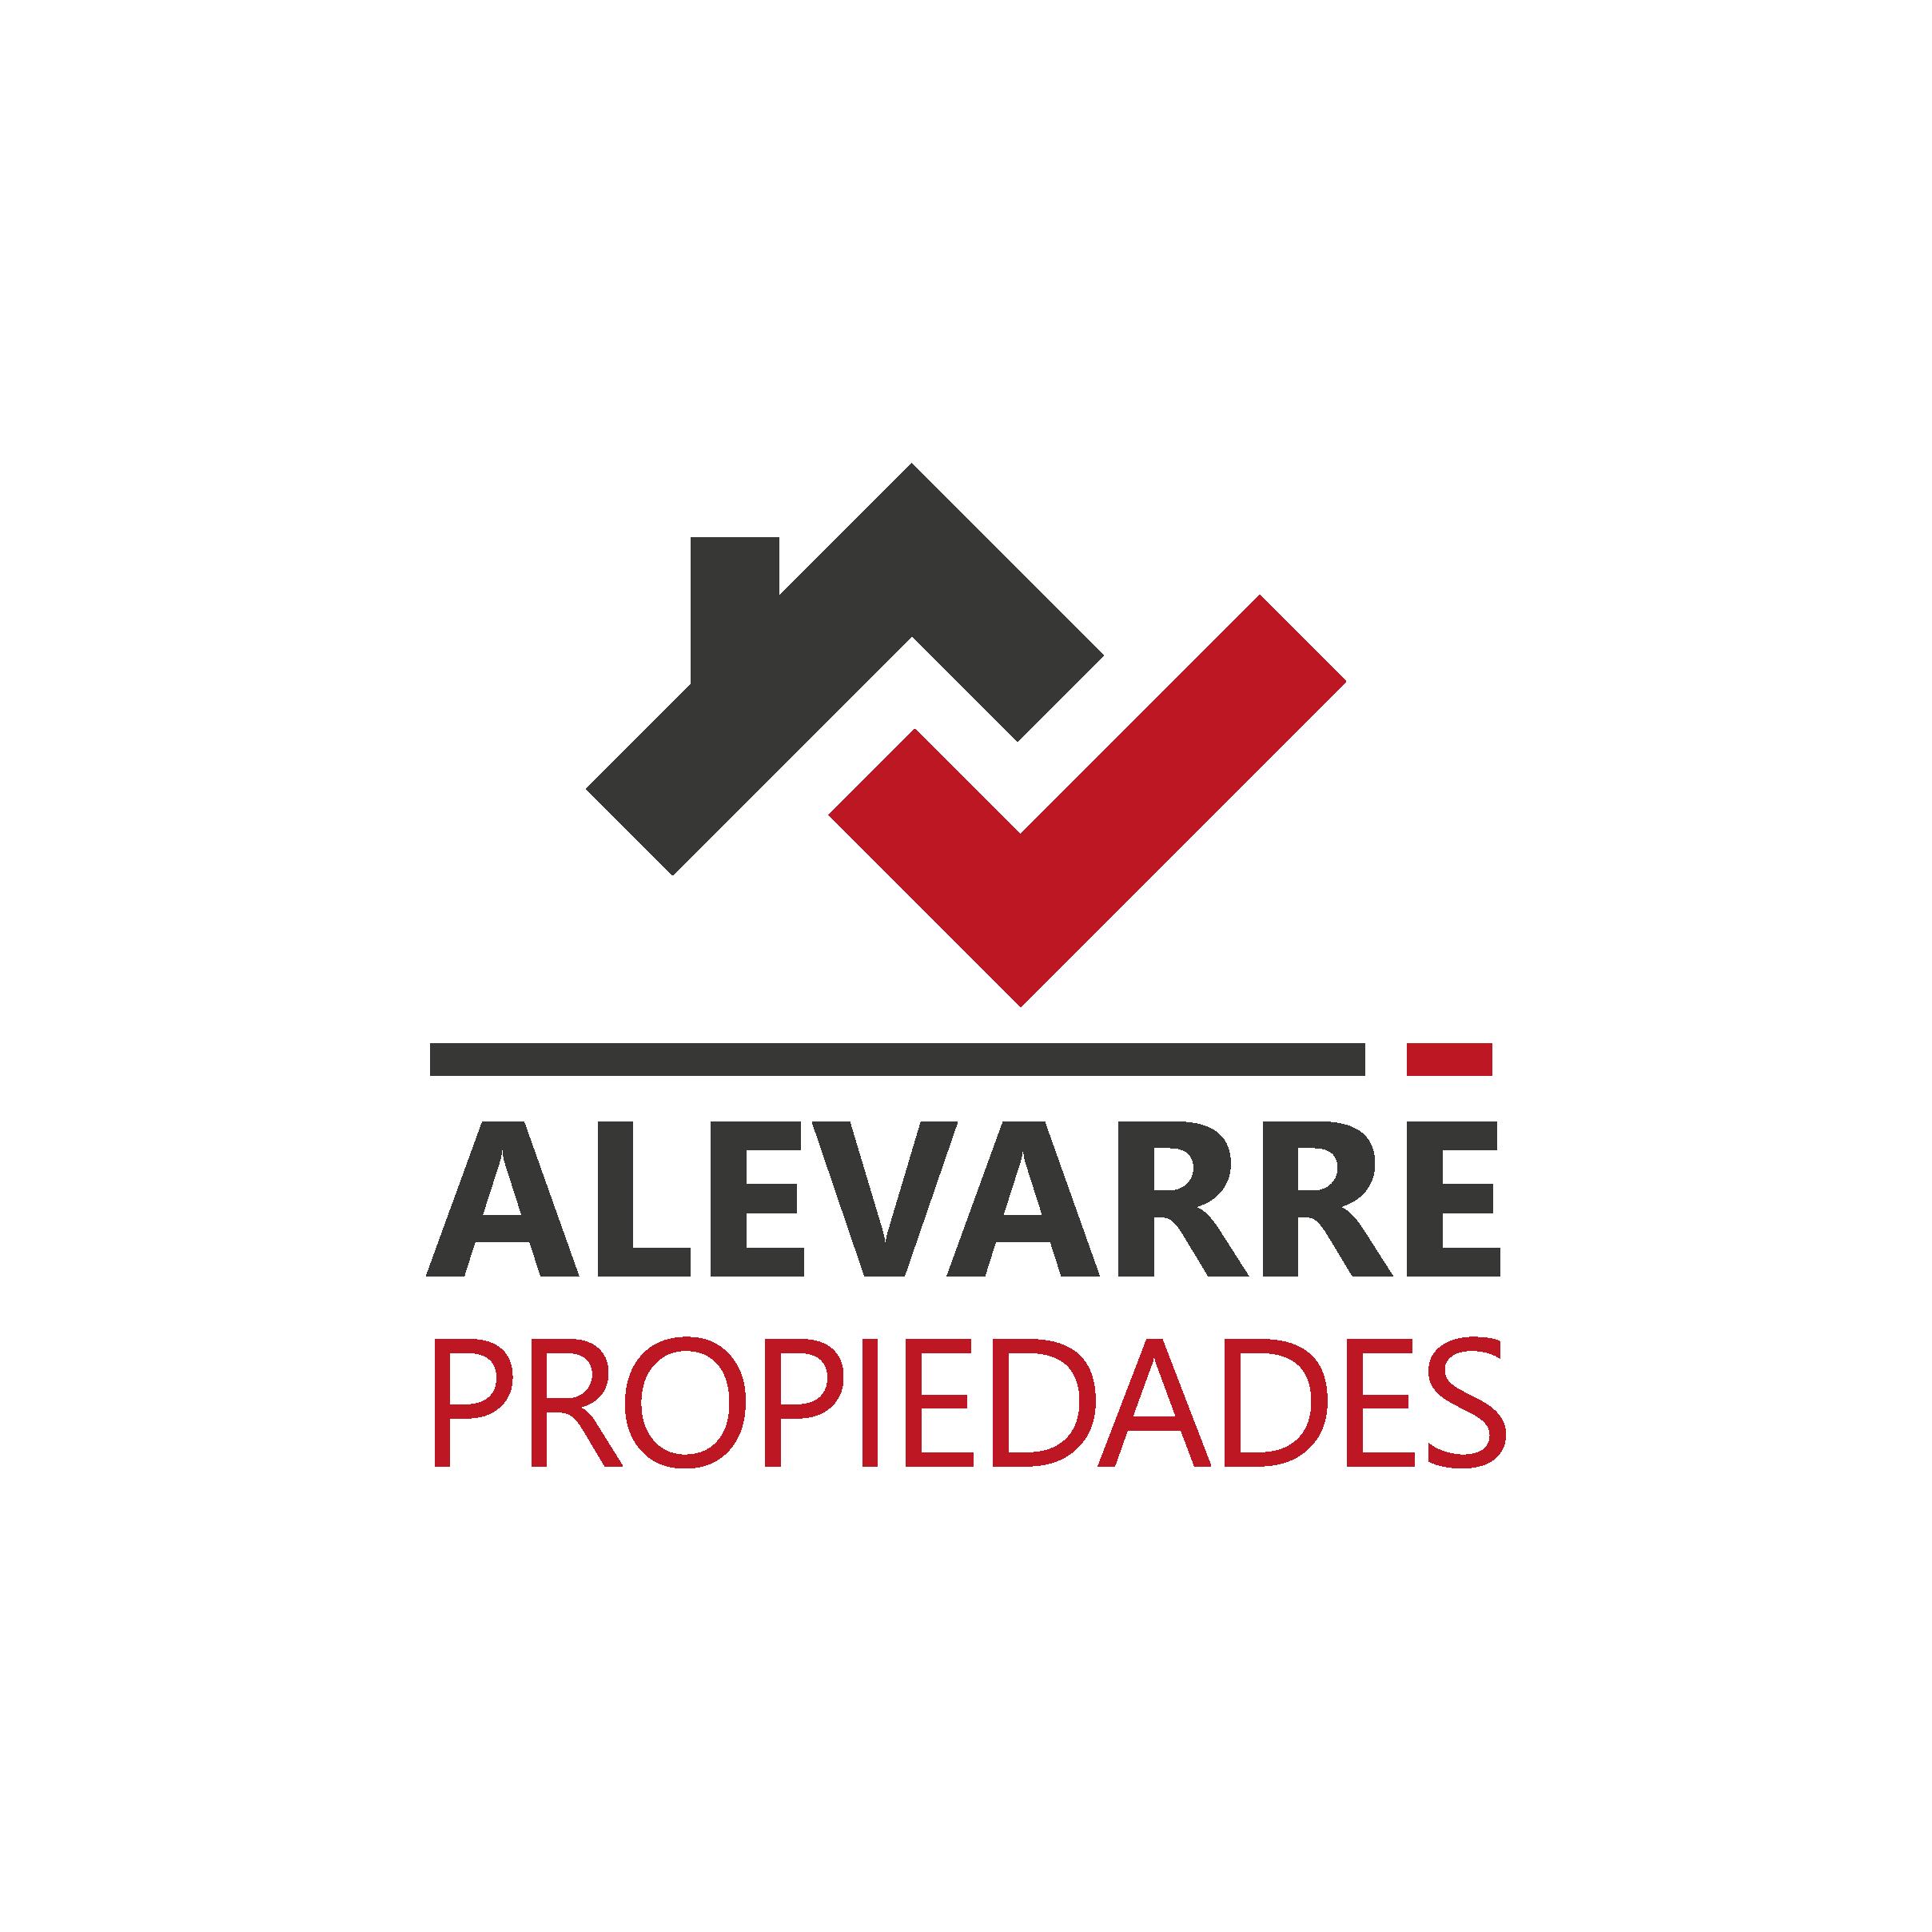 ALEVARRÉ PROPIEDADES